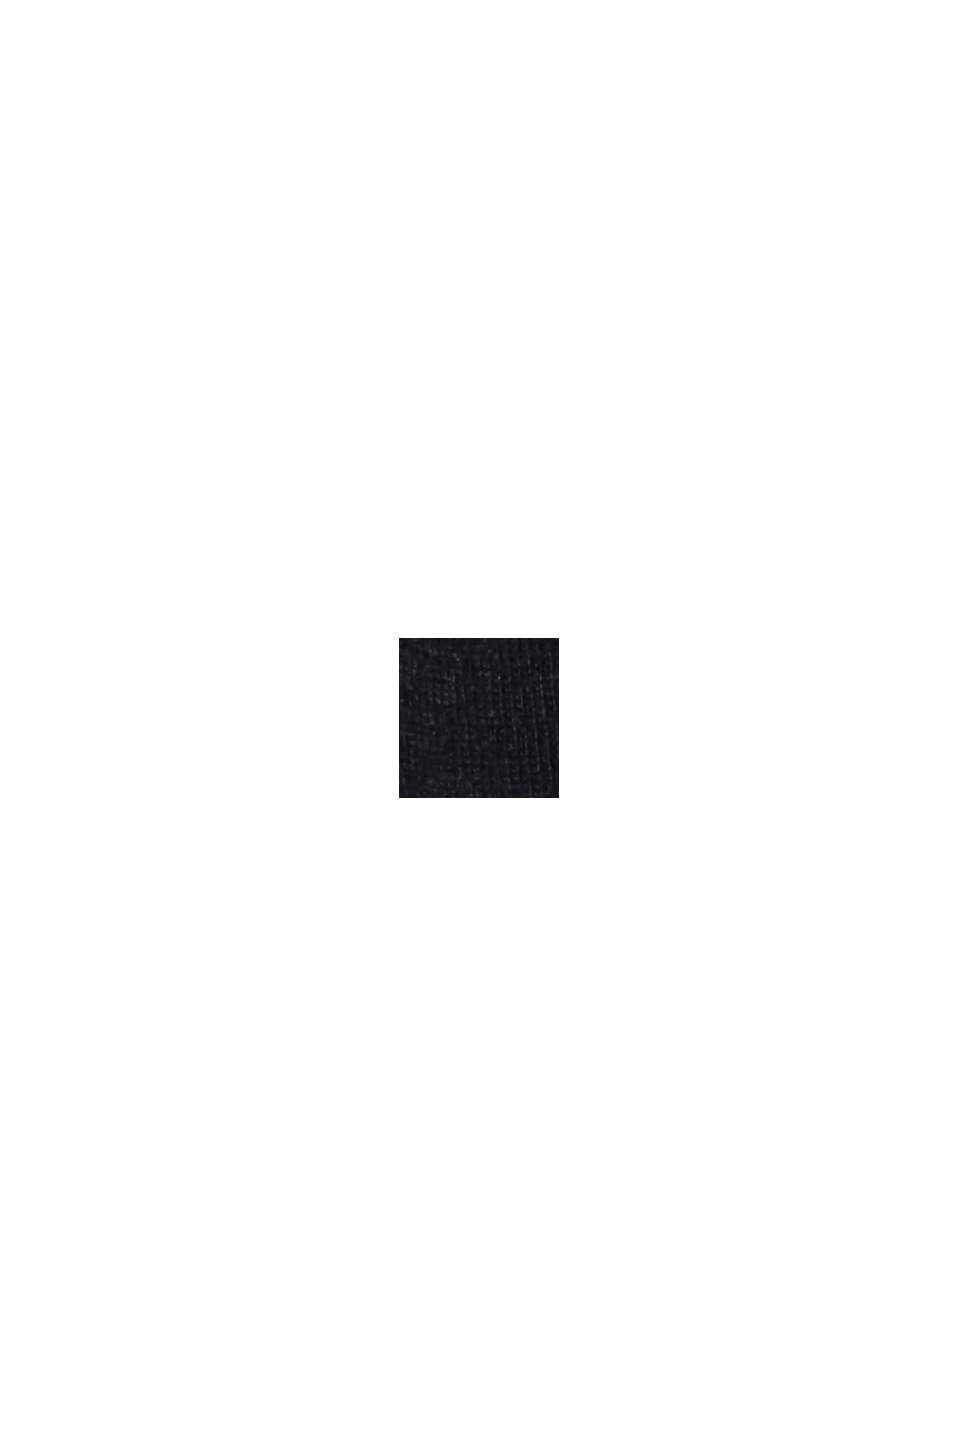 Maglia da pigiama in 100% cotone biologico, BLACK, swatch